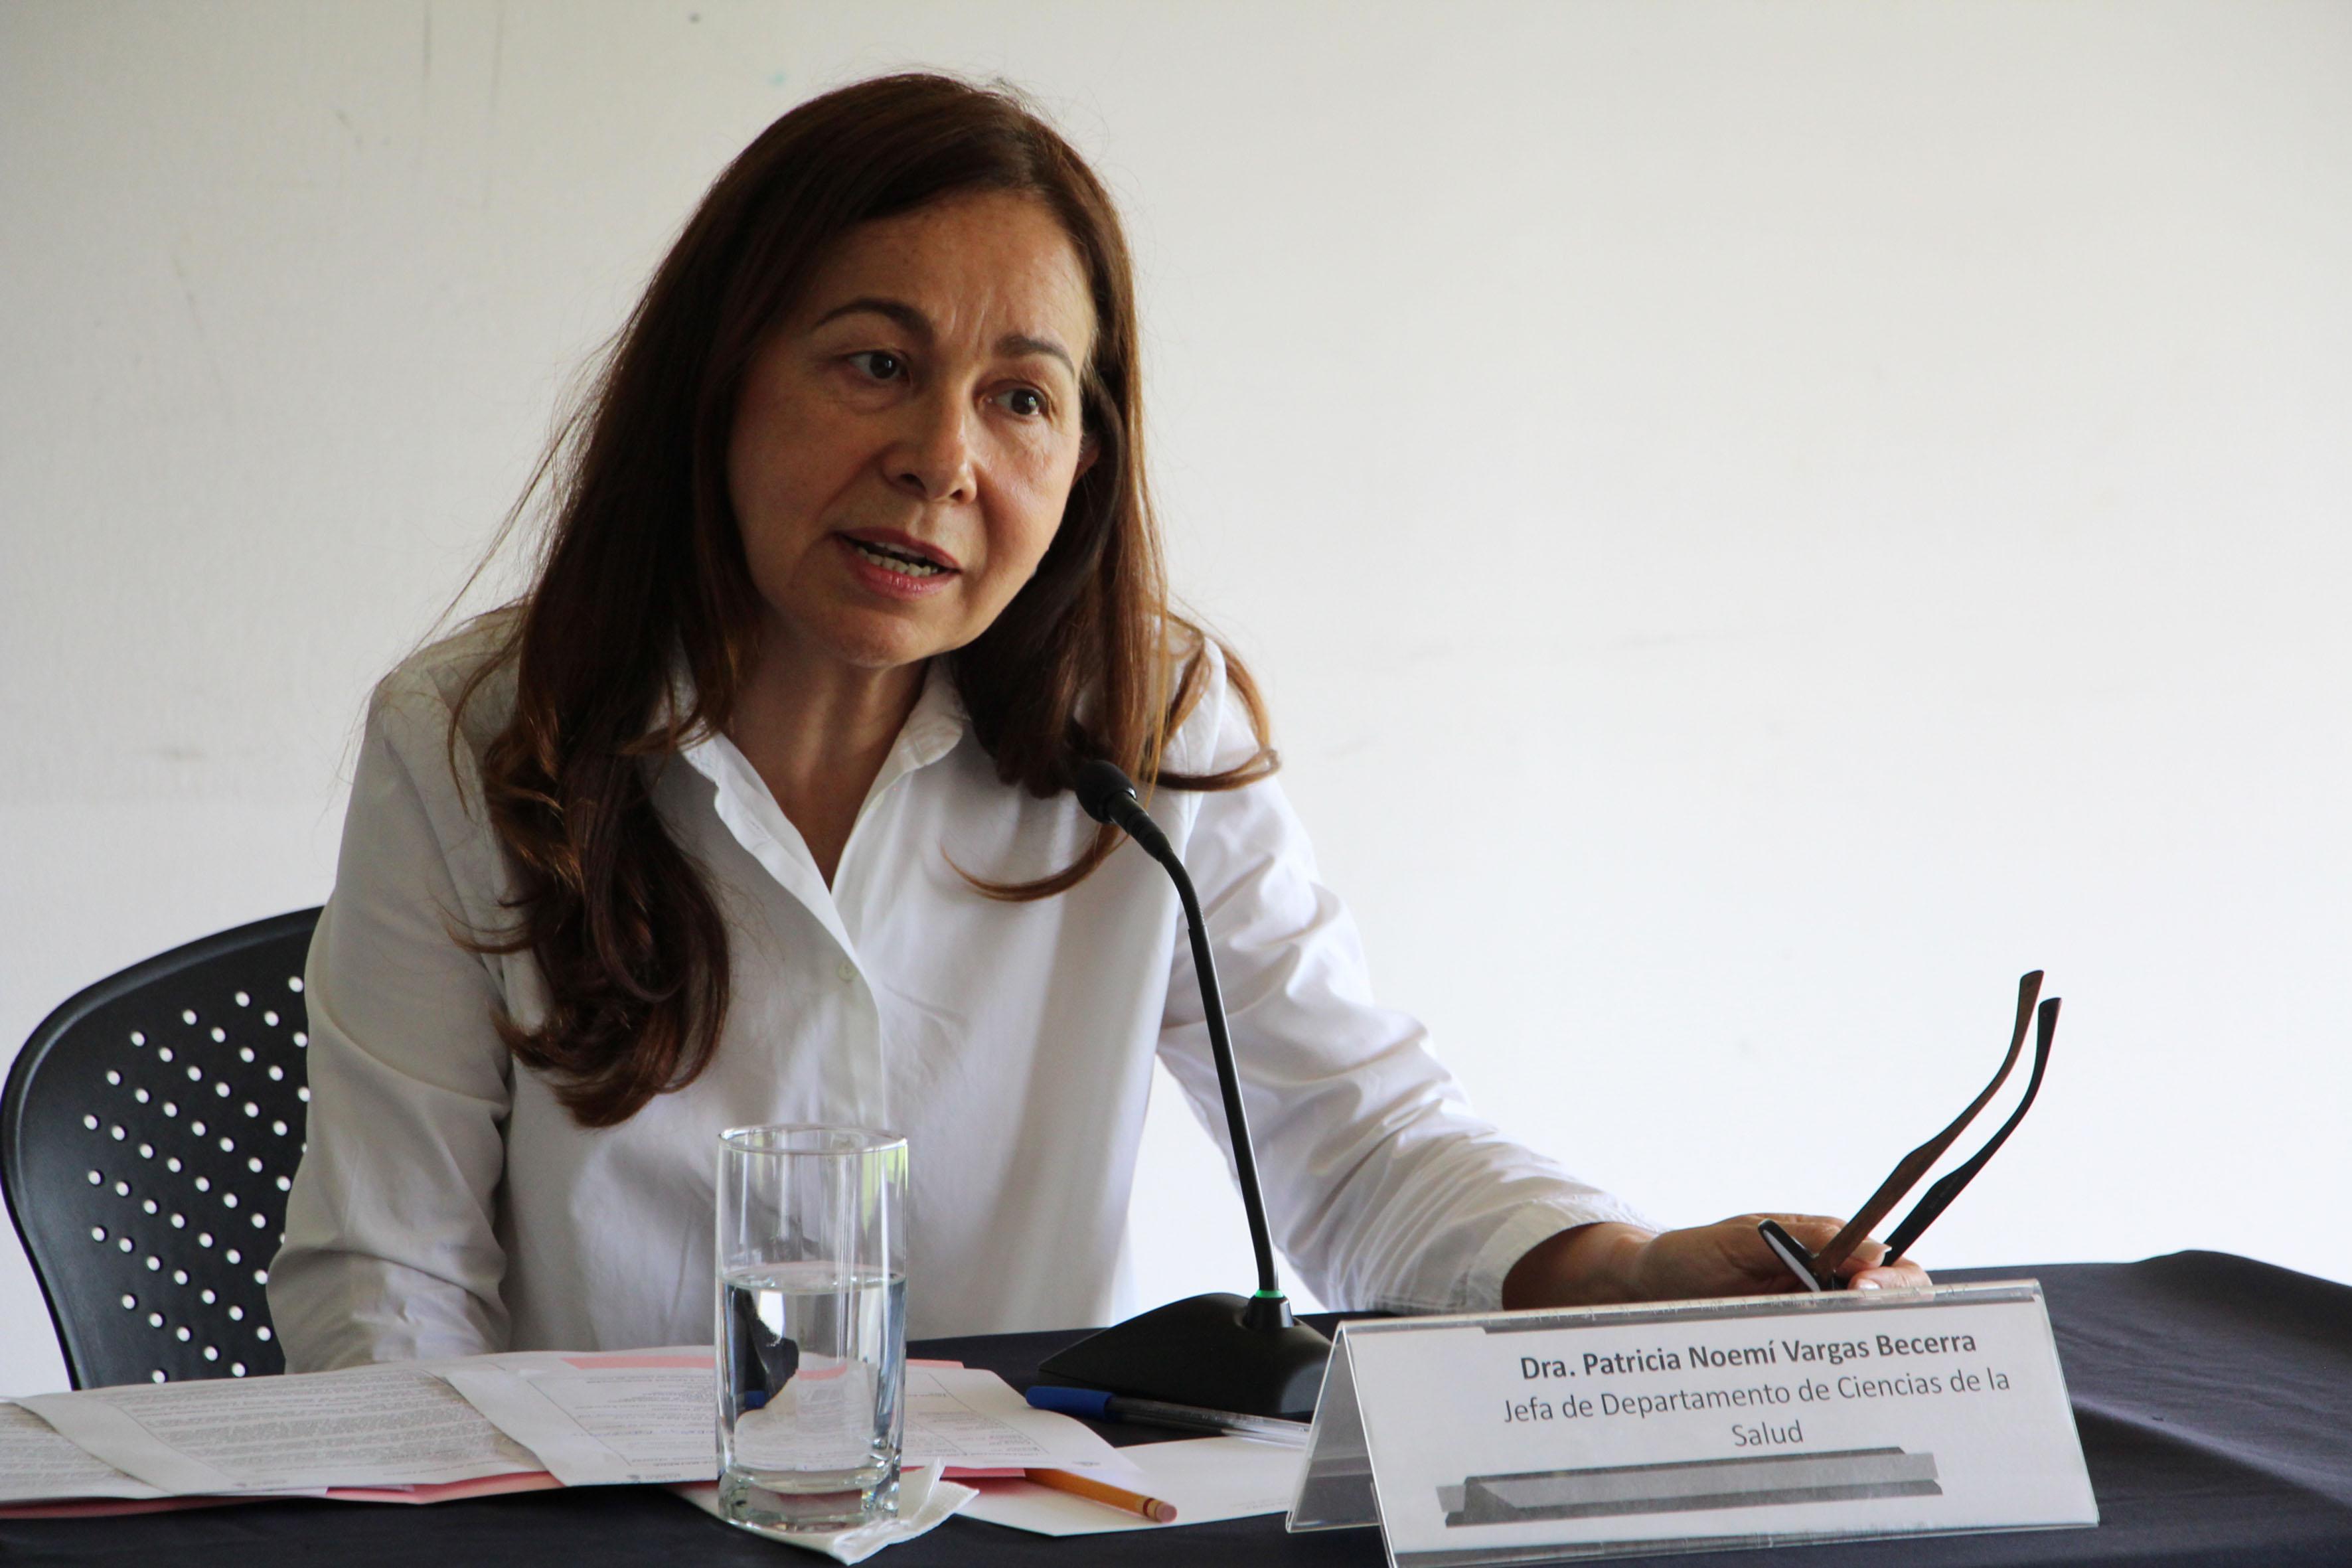 Jefa del Departamento de Ciencias de la Salud, del Centro Universitario de los Altos (CUAltos), doctora Patricia Vargas Becerra, haciendo uso de la palabra